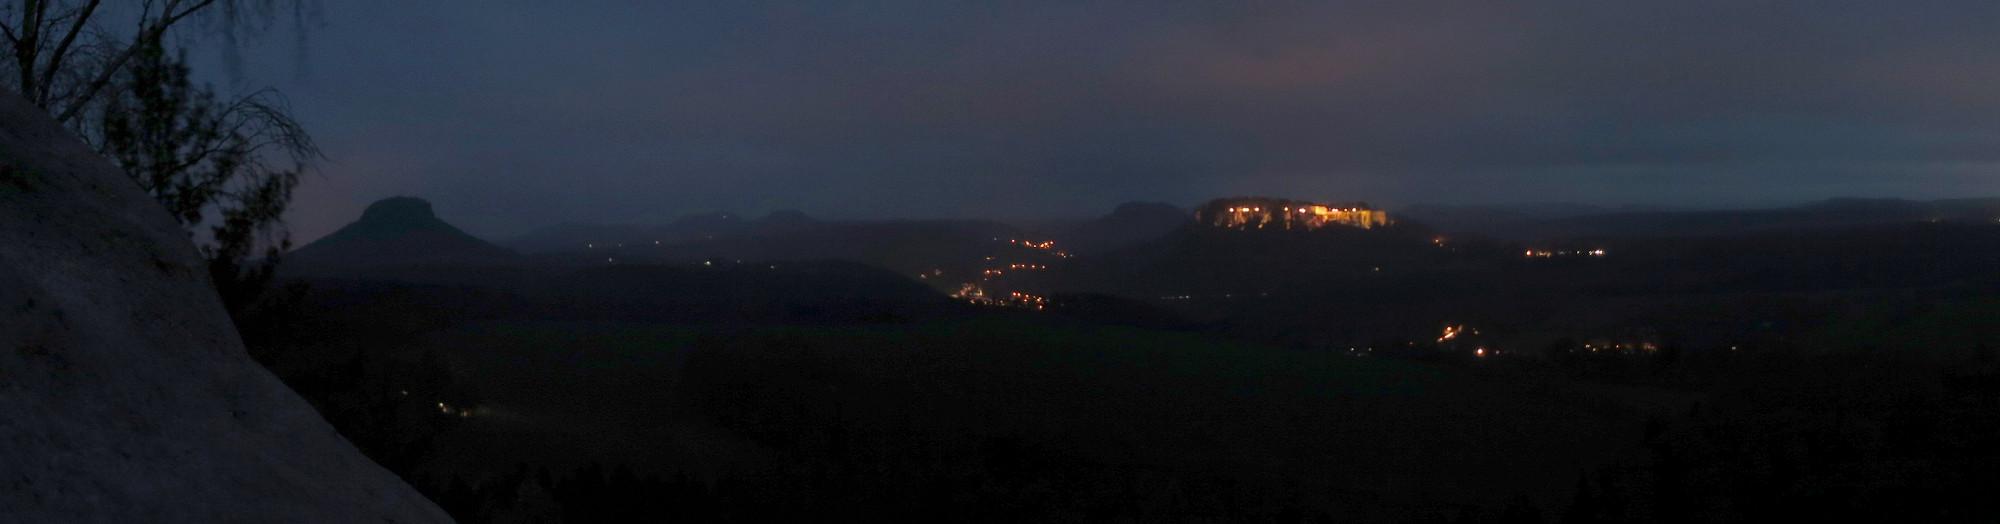 Festung Königstein im Dunklen